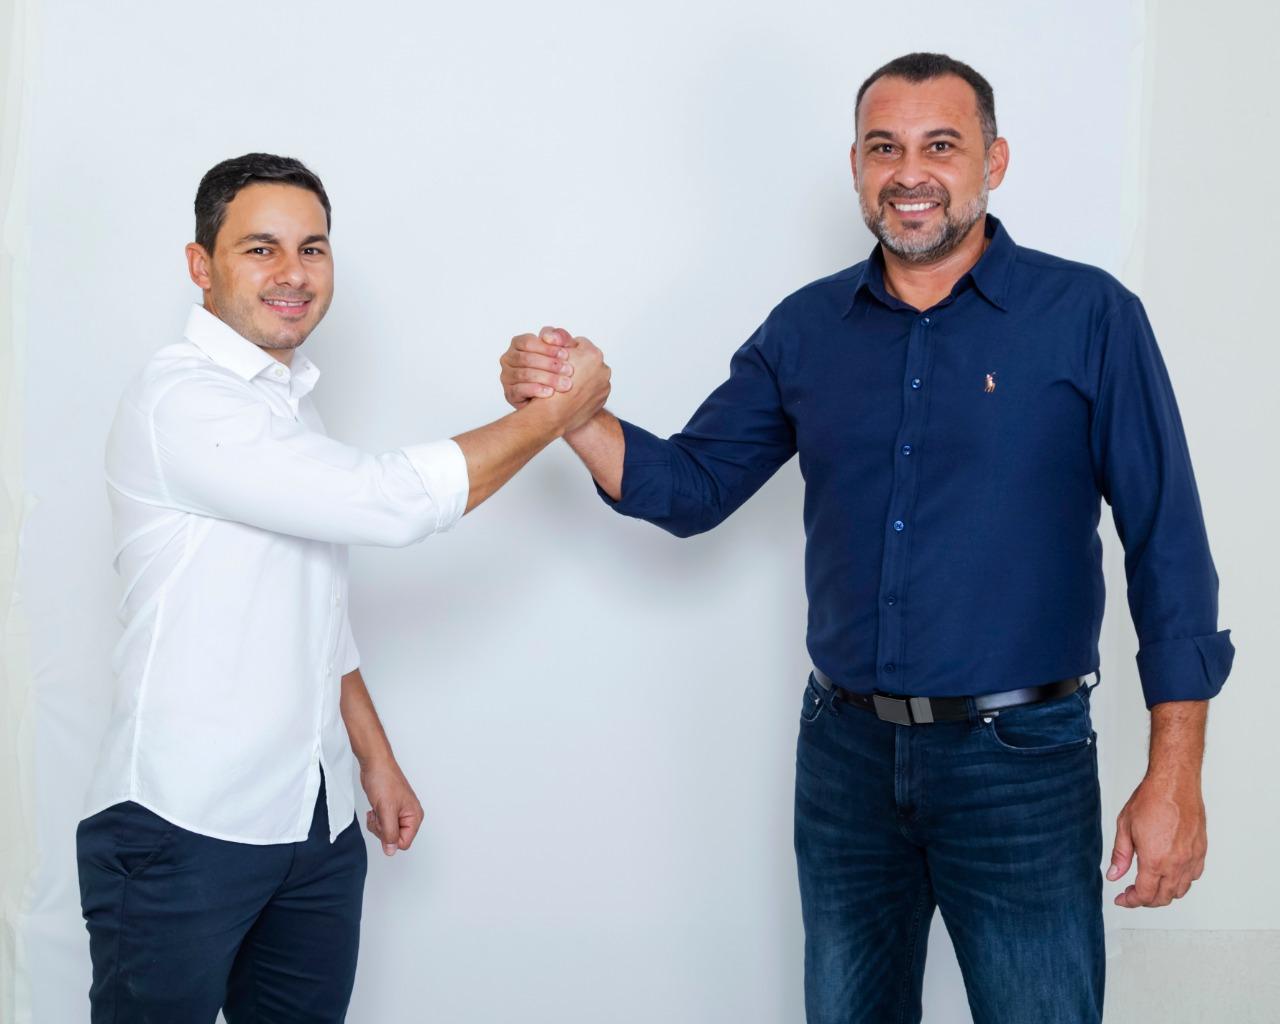 Hugo Deleon e o vice Haroldinho Calaça Coelho (Reprodução)